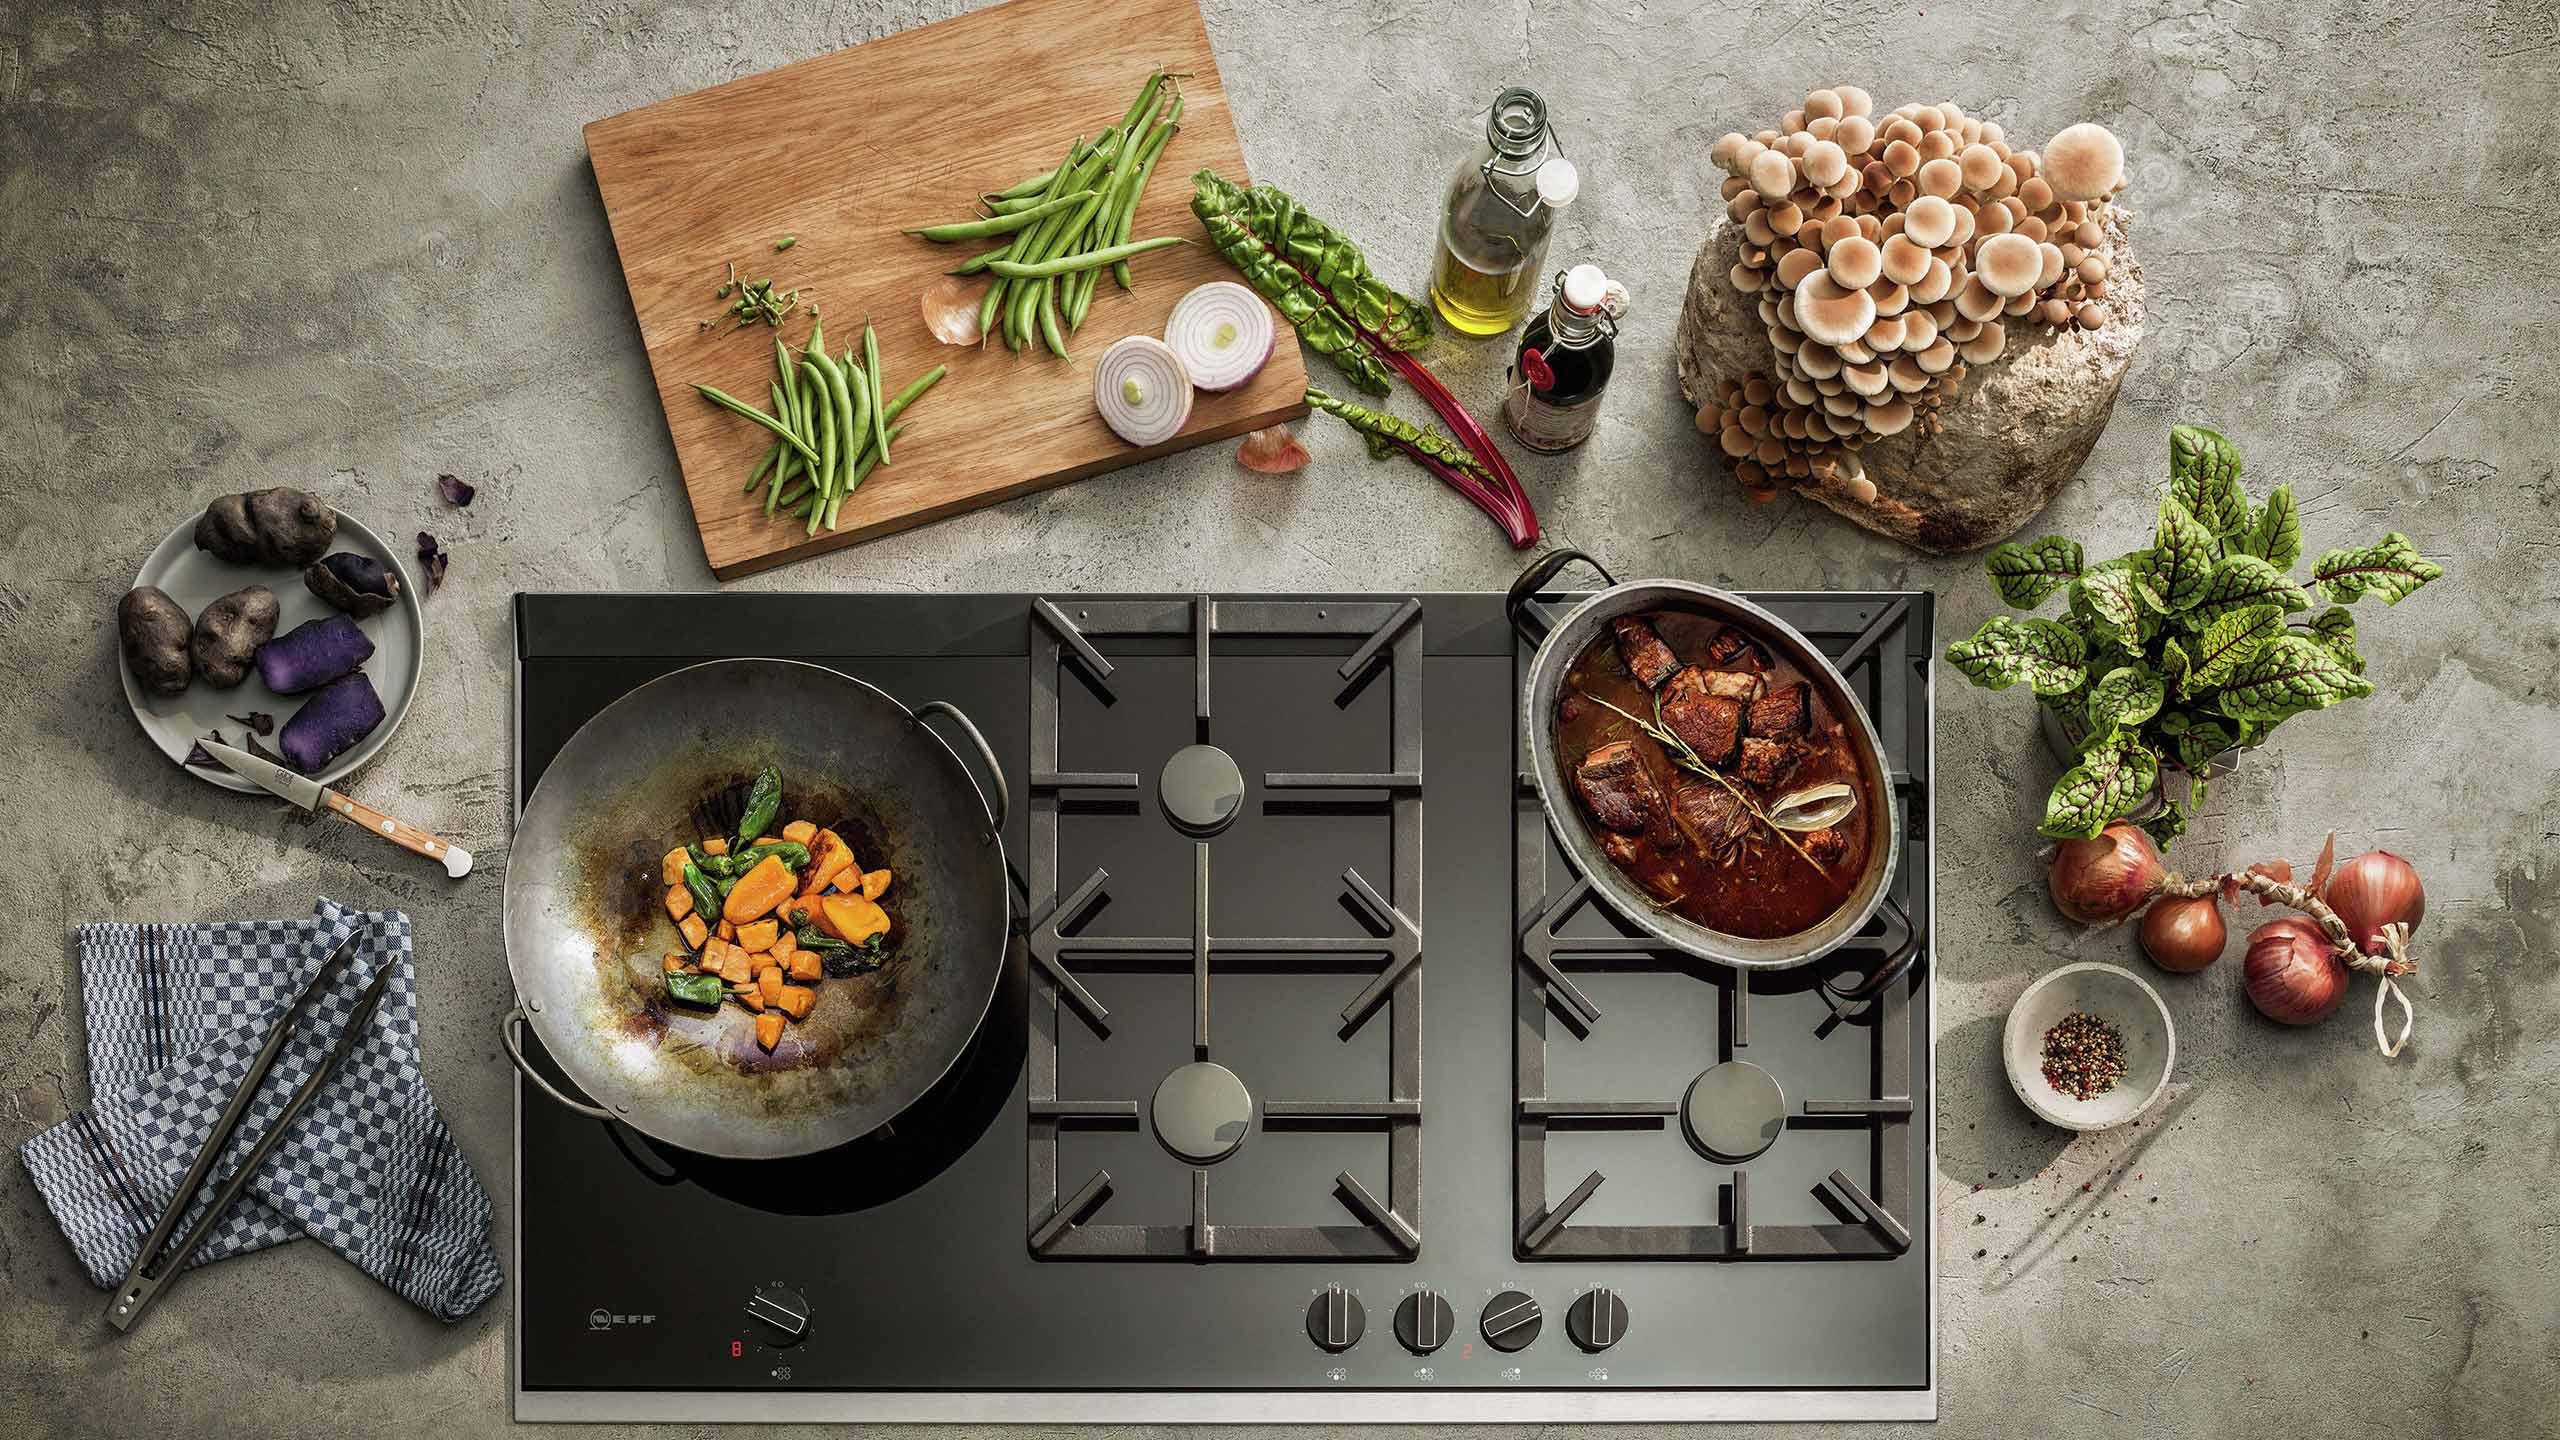 mit gas kochen tipps zu gaskochfeld & herd küchen staude magazin header